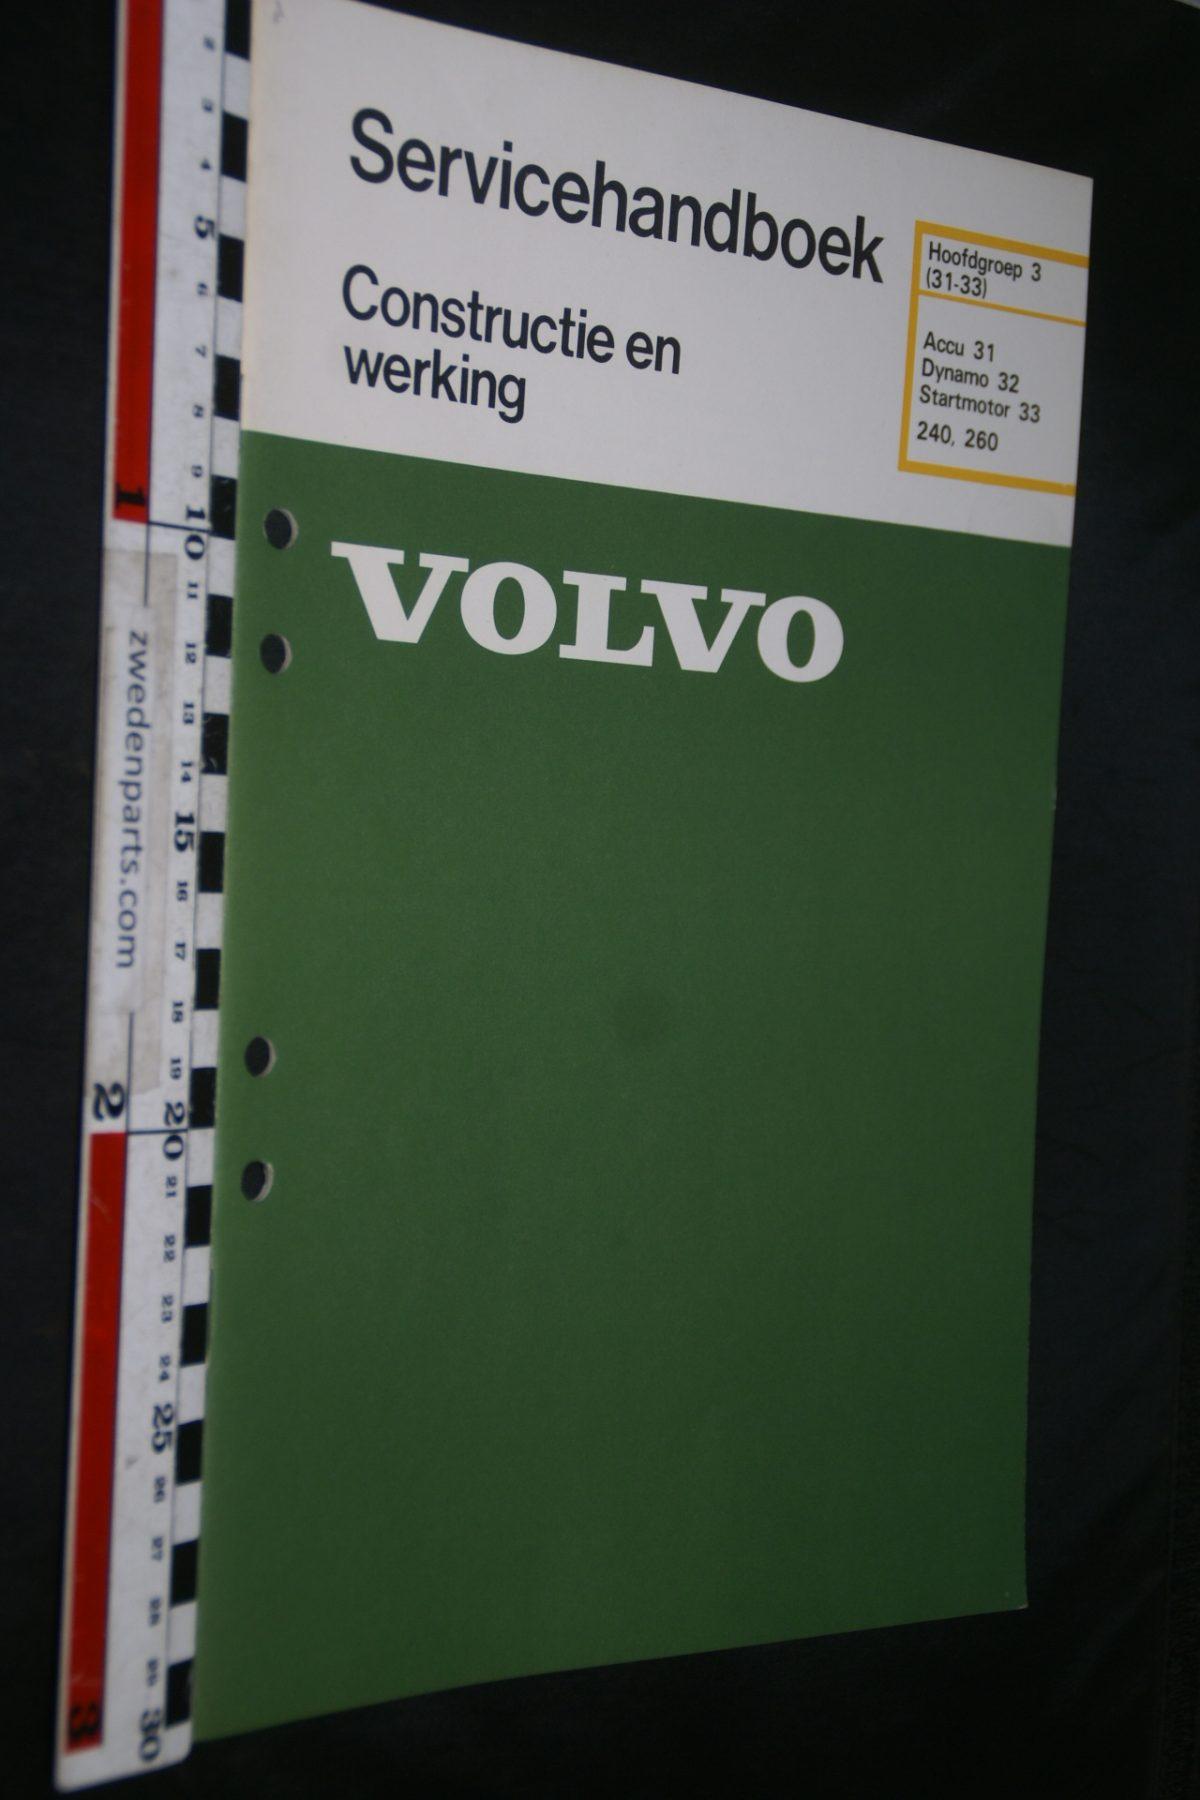 DSC06758 1980 origineel Volvo 240, 260 servicehandboek 3 (31-33) accu, dynamo, startmotor 1 van 800 TP 30221-1